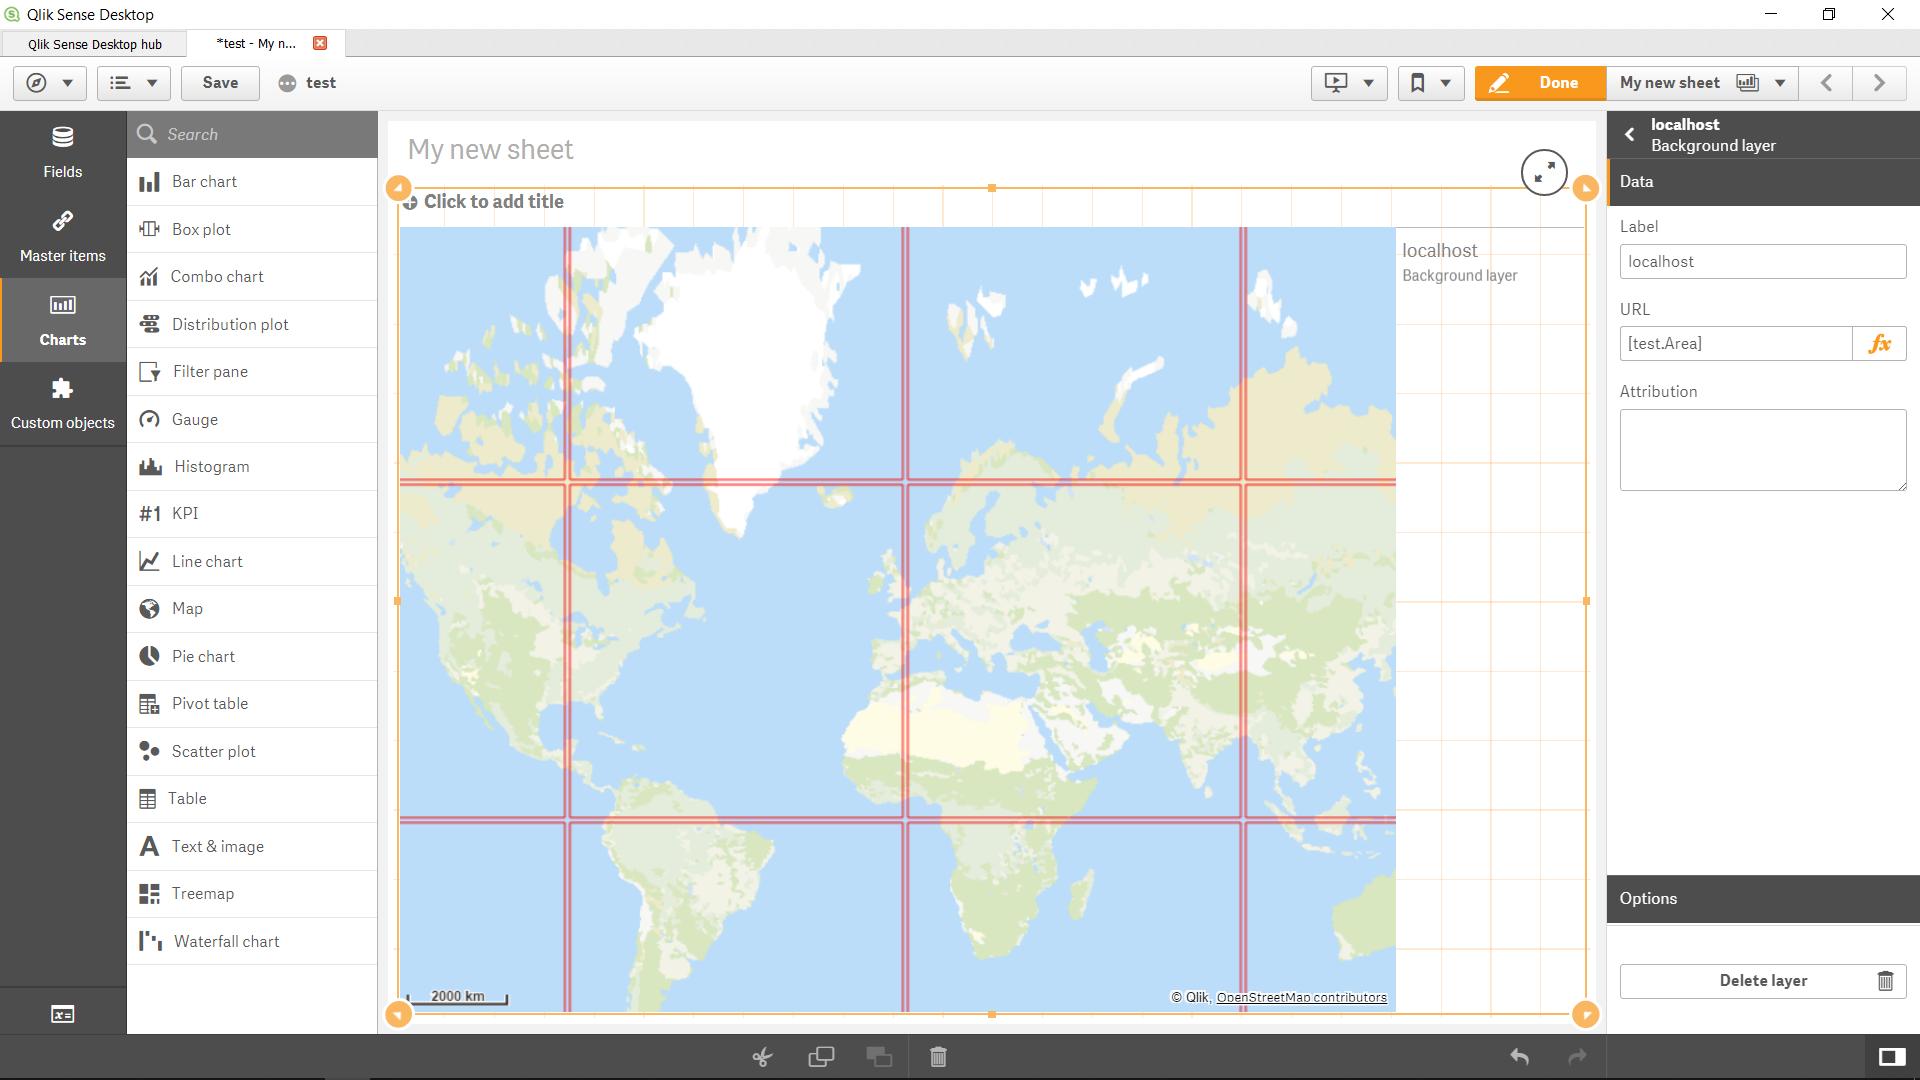 How to add shapefile as base map in Qlik Sense Des    - Qlik Community